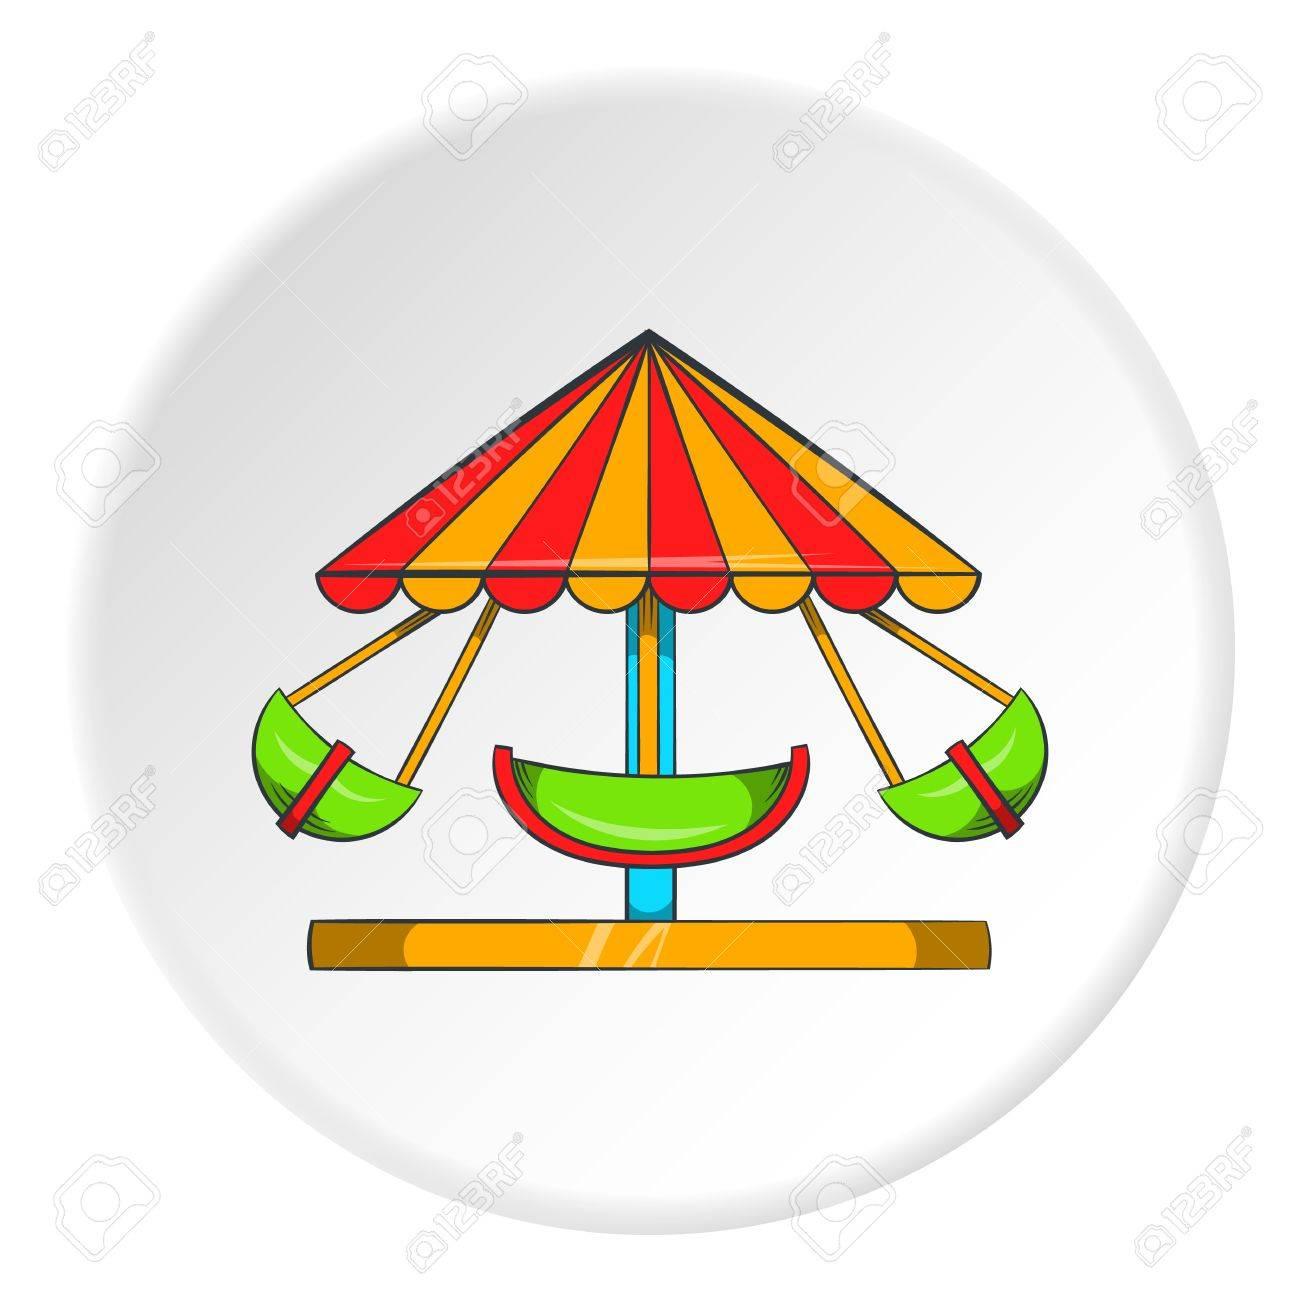 Carrousel Dessin icône de carrousel pour enfants en style dessin animé isolé sur fond